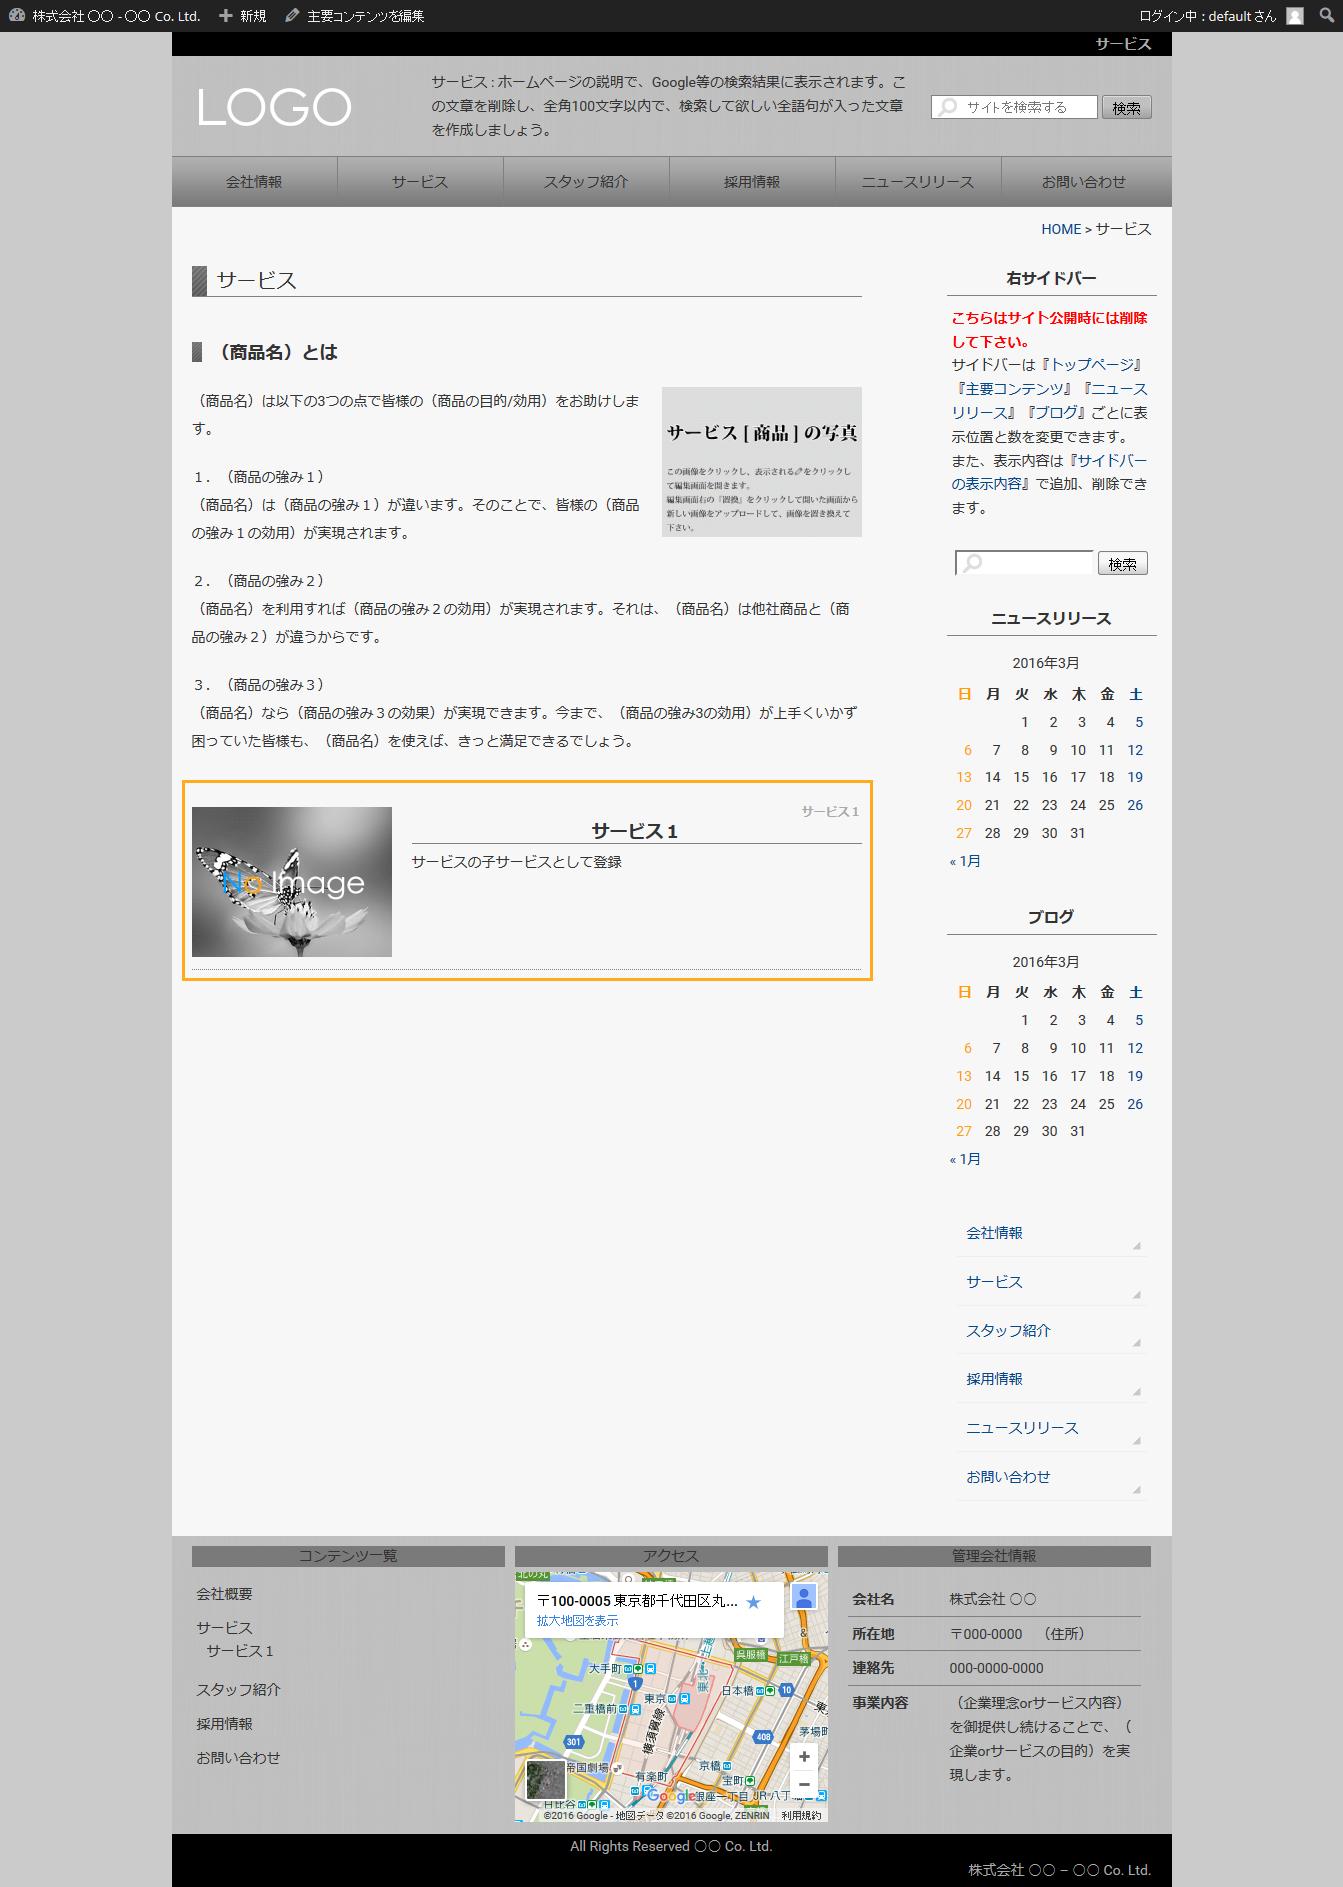 子コンテンツの設定結果 - 簡単格安ホームページ作成会社 -FunMaker